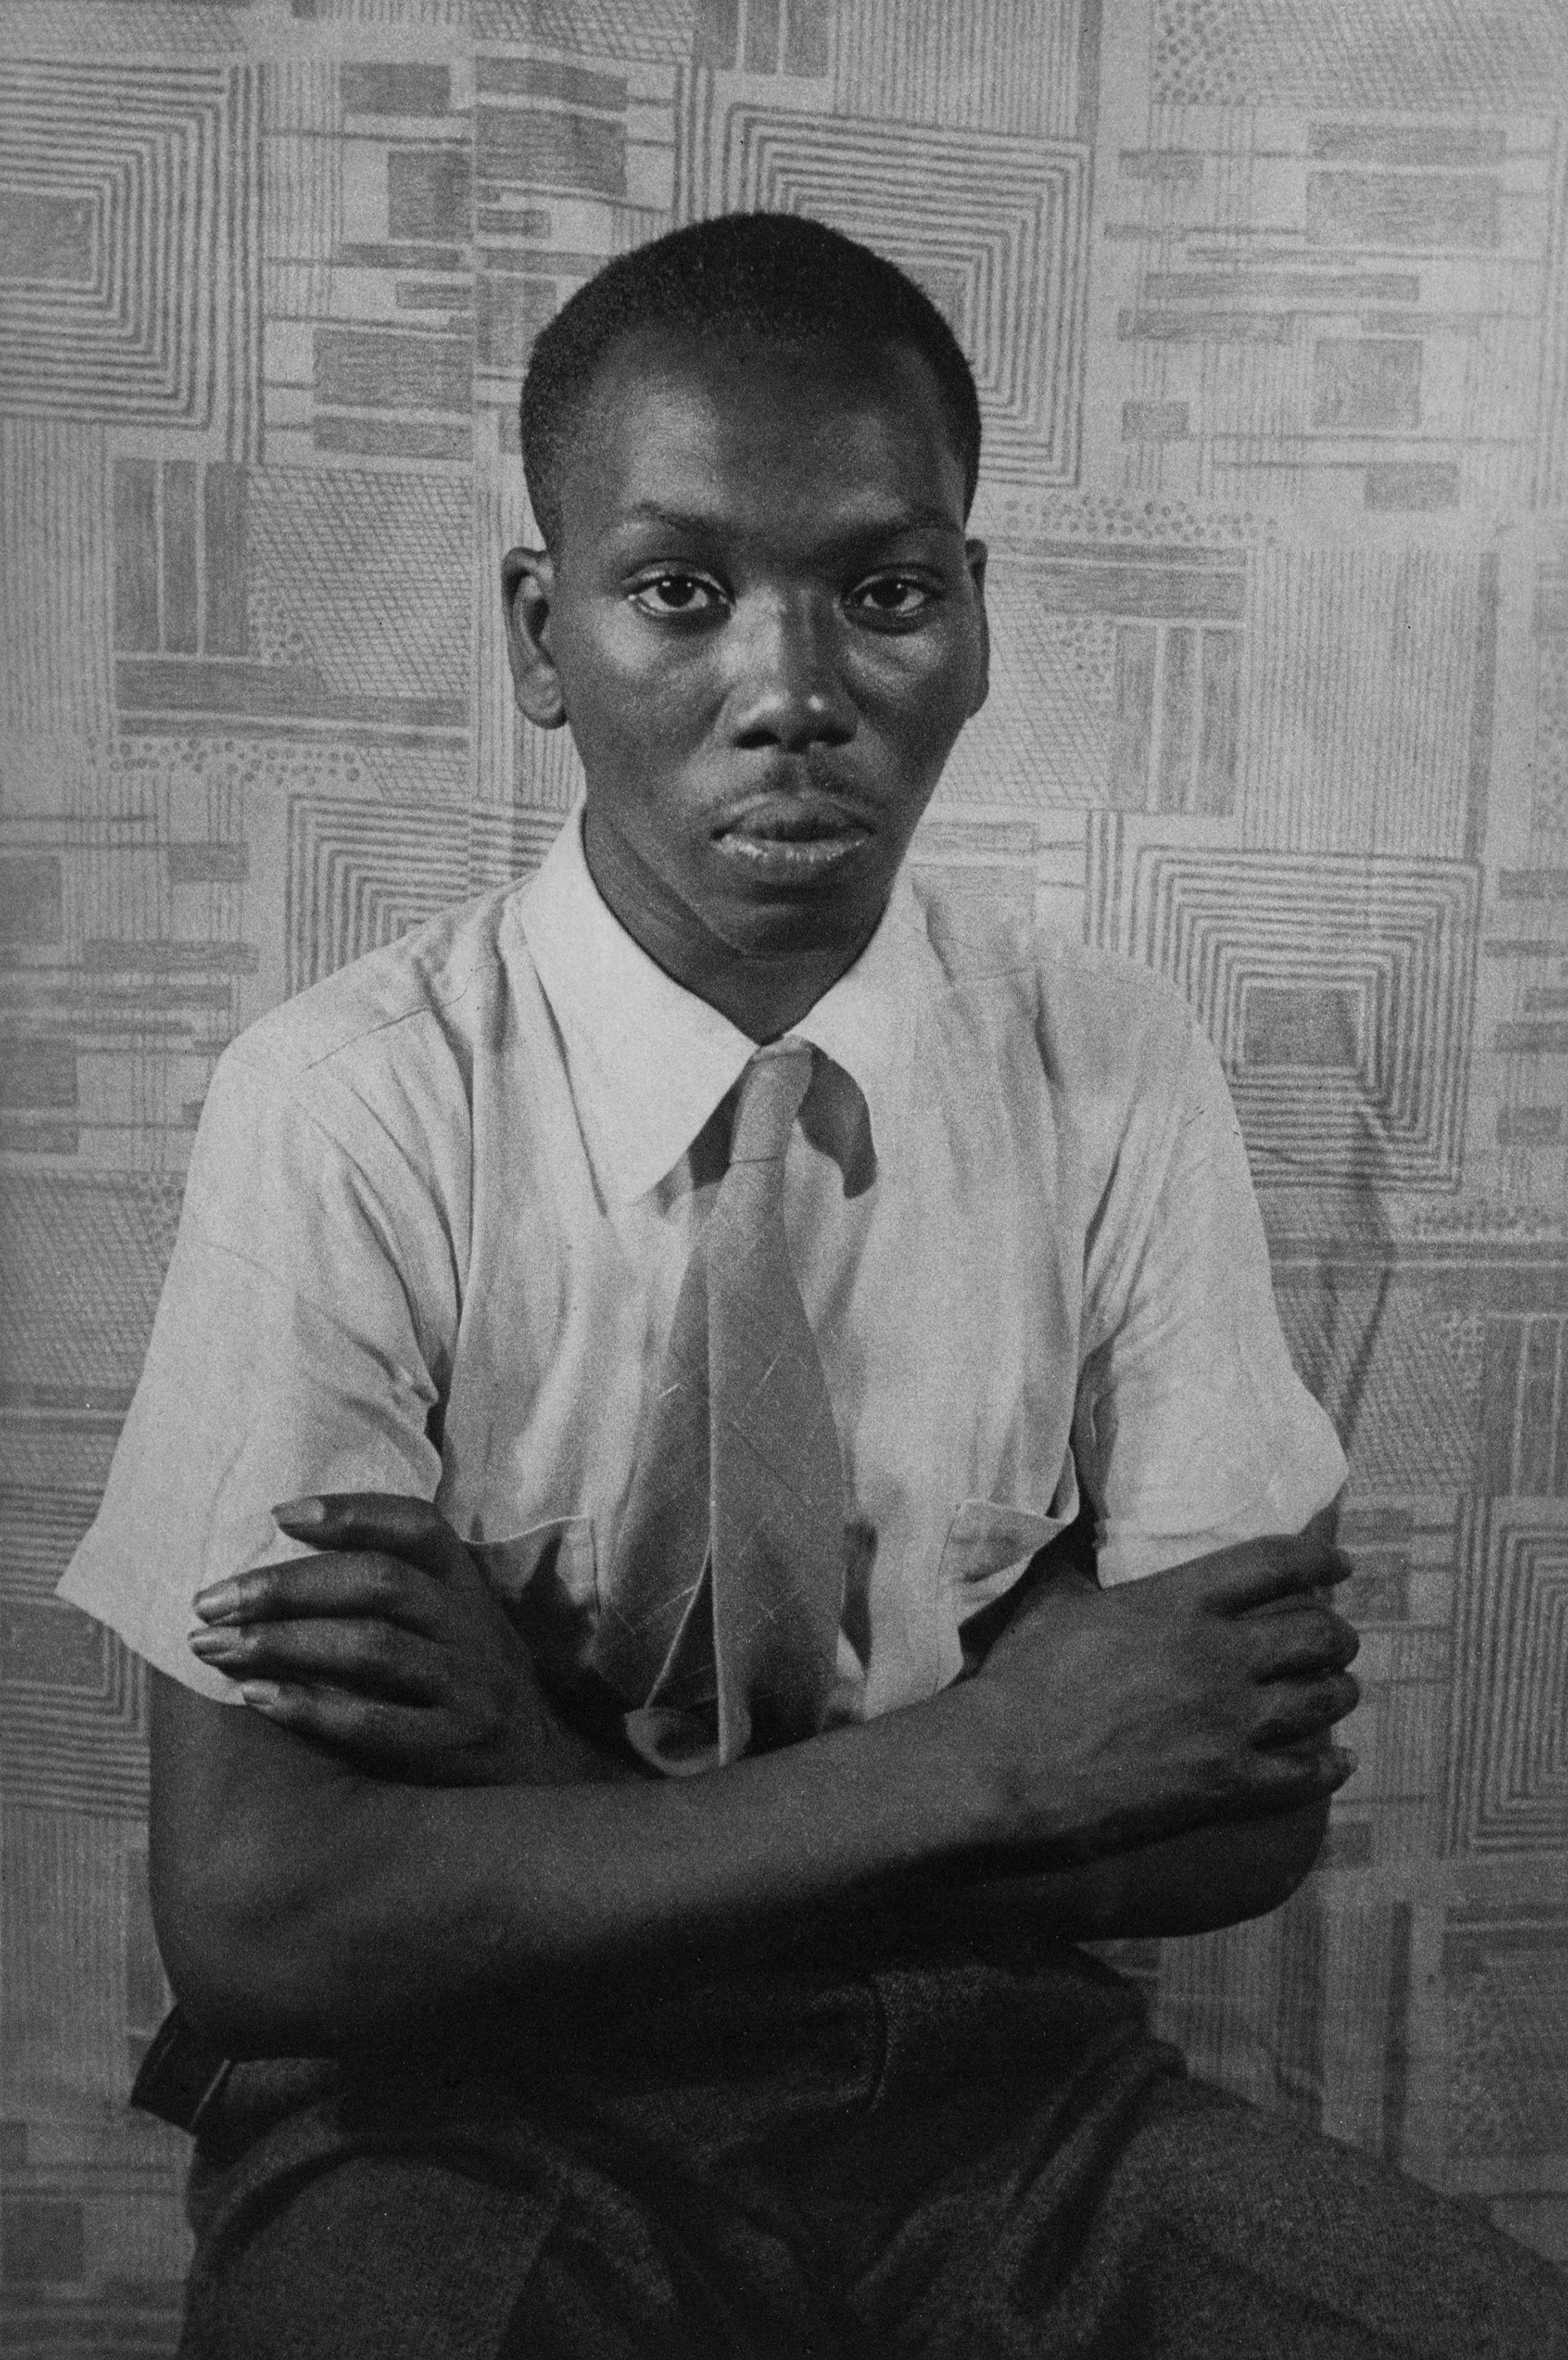 Photographer Carl Van Vechten's Portraits From the Harlem ...